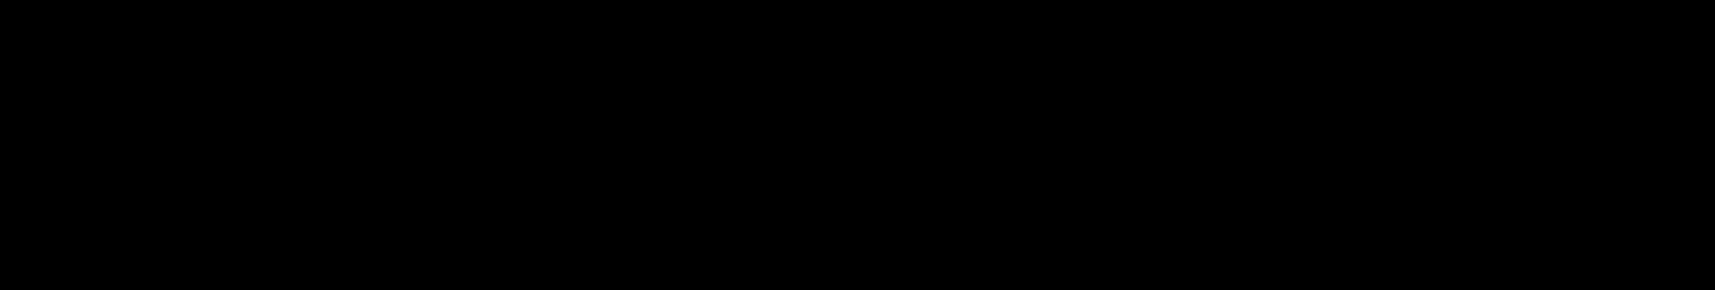 Logo Weltevree 1